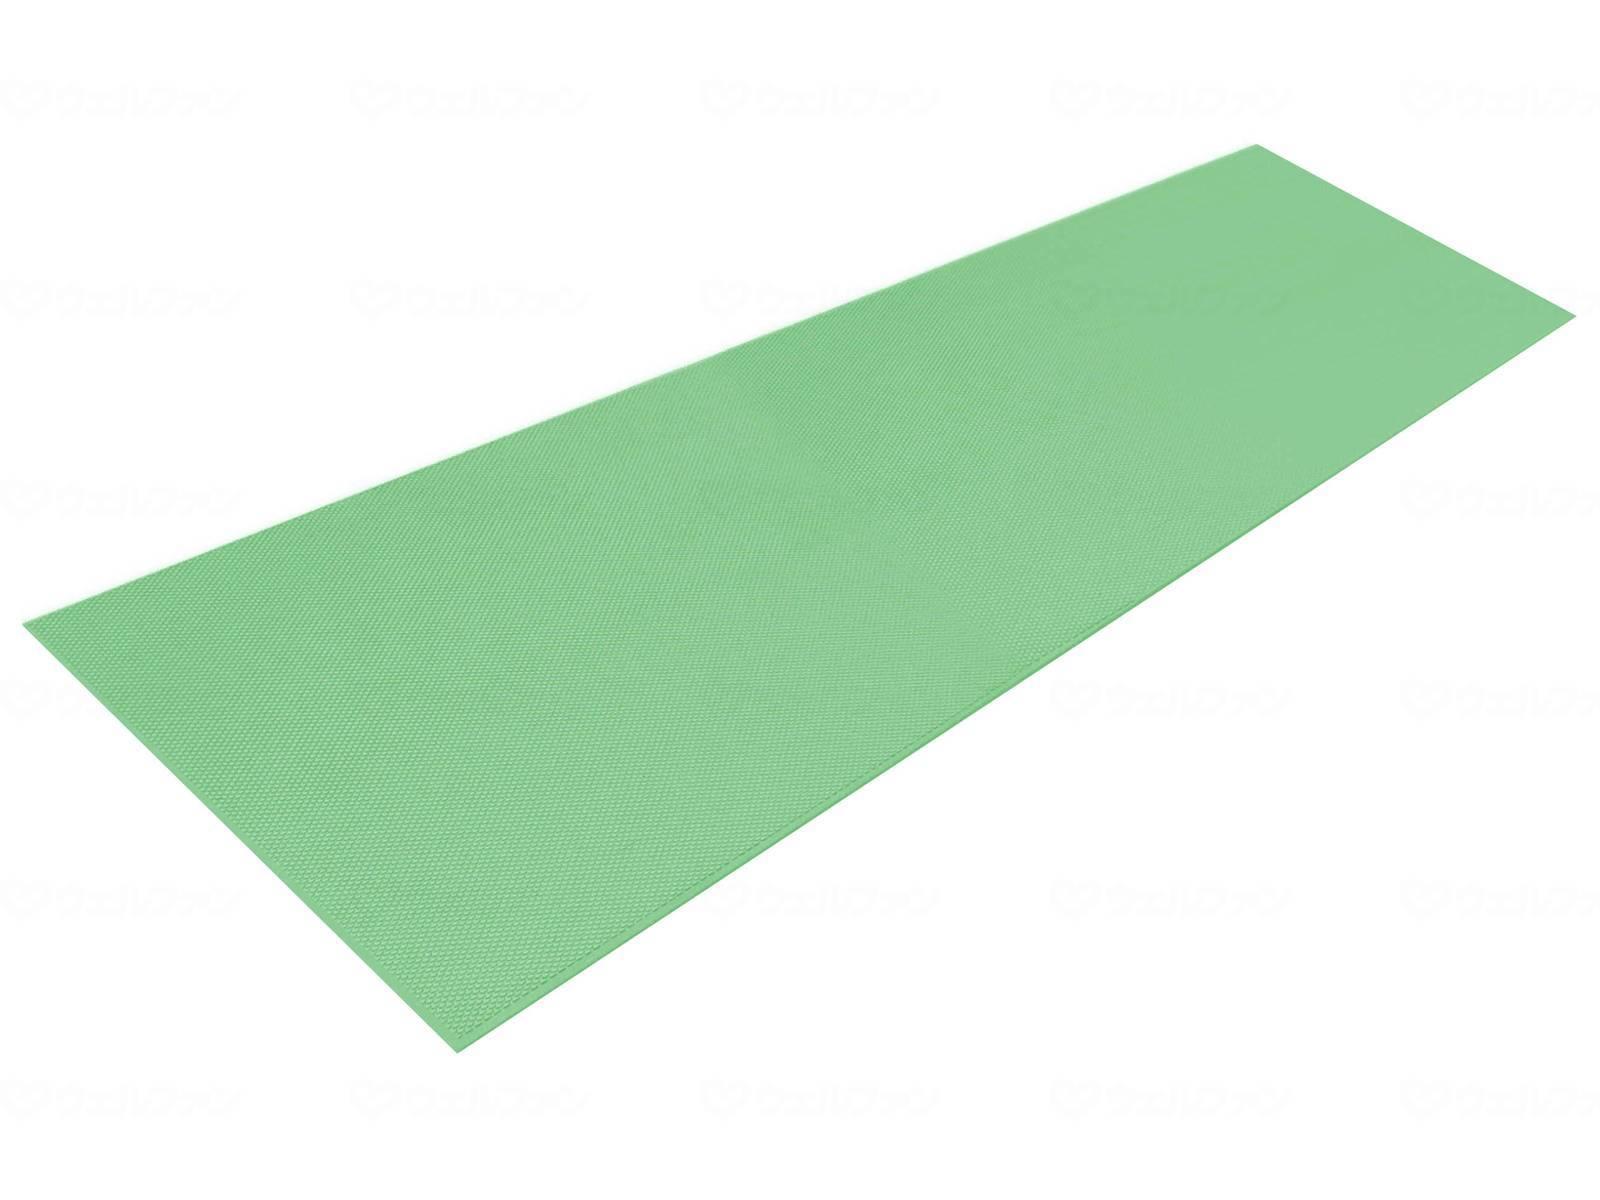 シンエイテクノ ダイヤロングマット SL1.5ブルー・グリーン幅50cm×長さ150cm 厚さ3mm [滑り止め バリアフリー 介護]